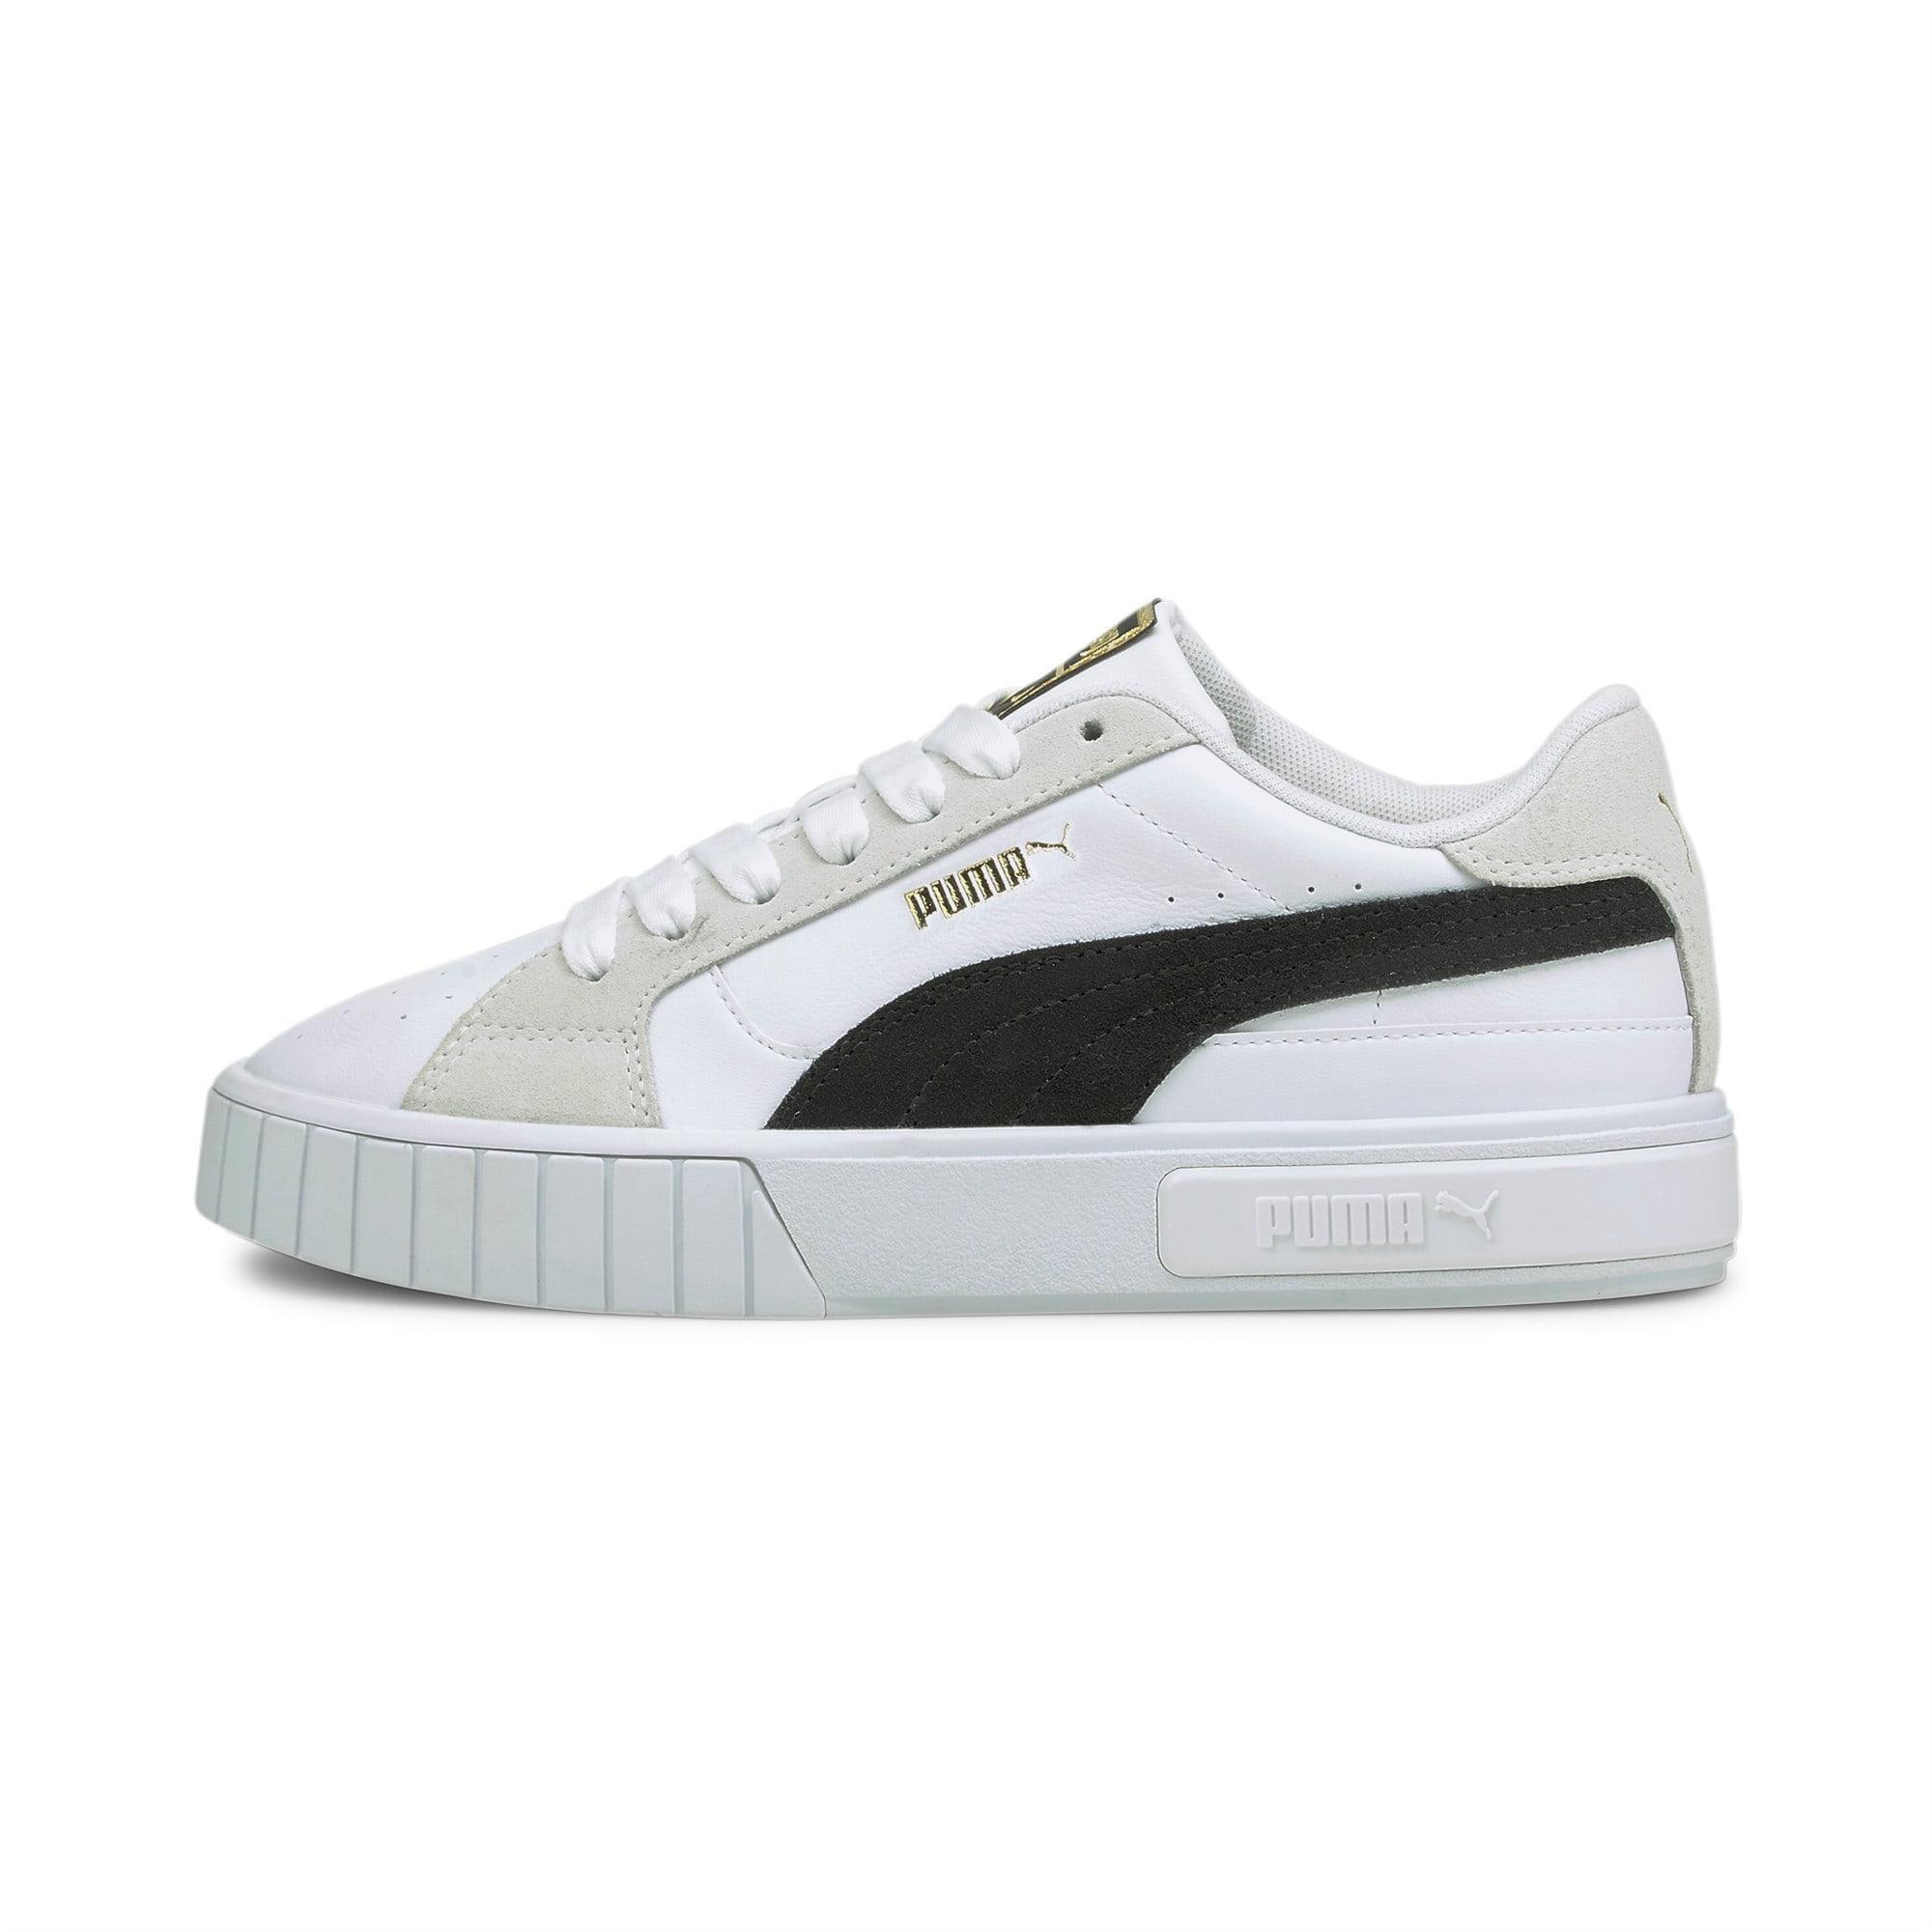 PUMA Damskie Buty Sportowe Cali Star Mix, Biały Czarny, rozmiar 35,5, Obuwie